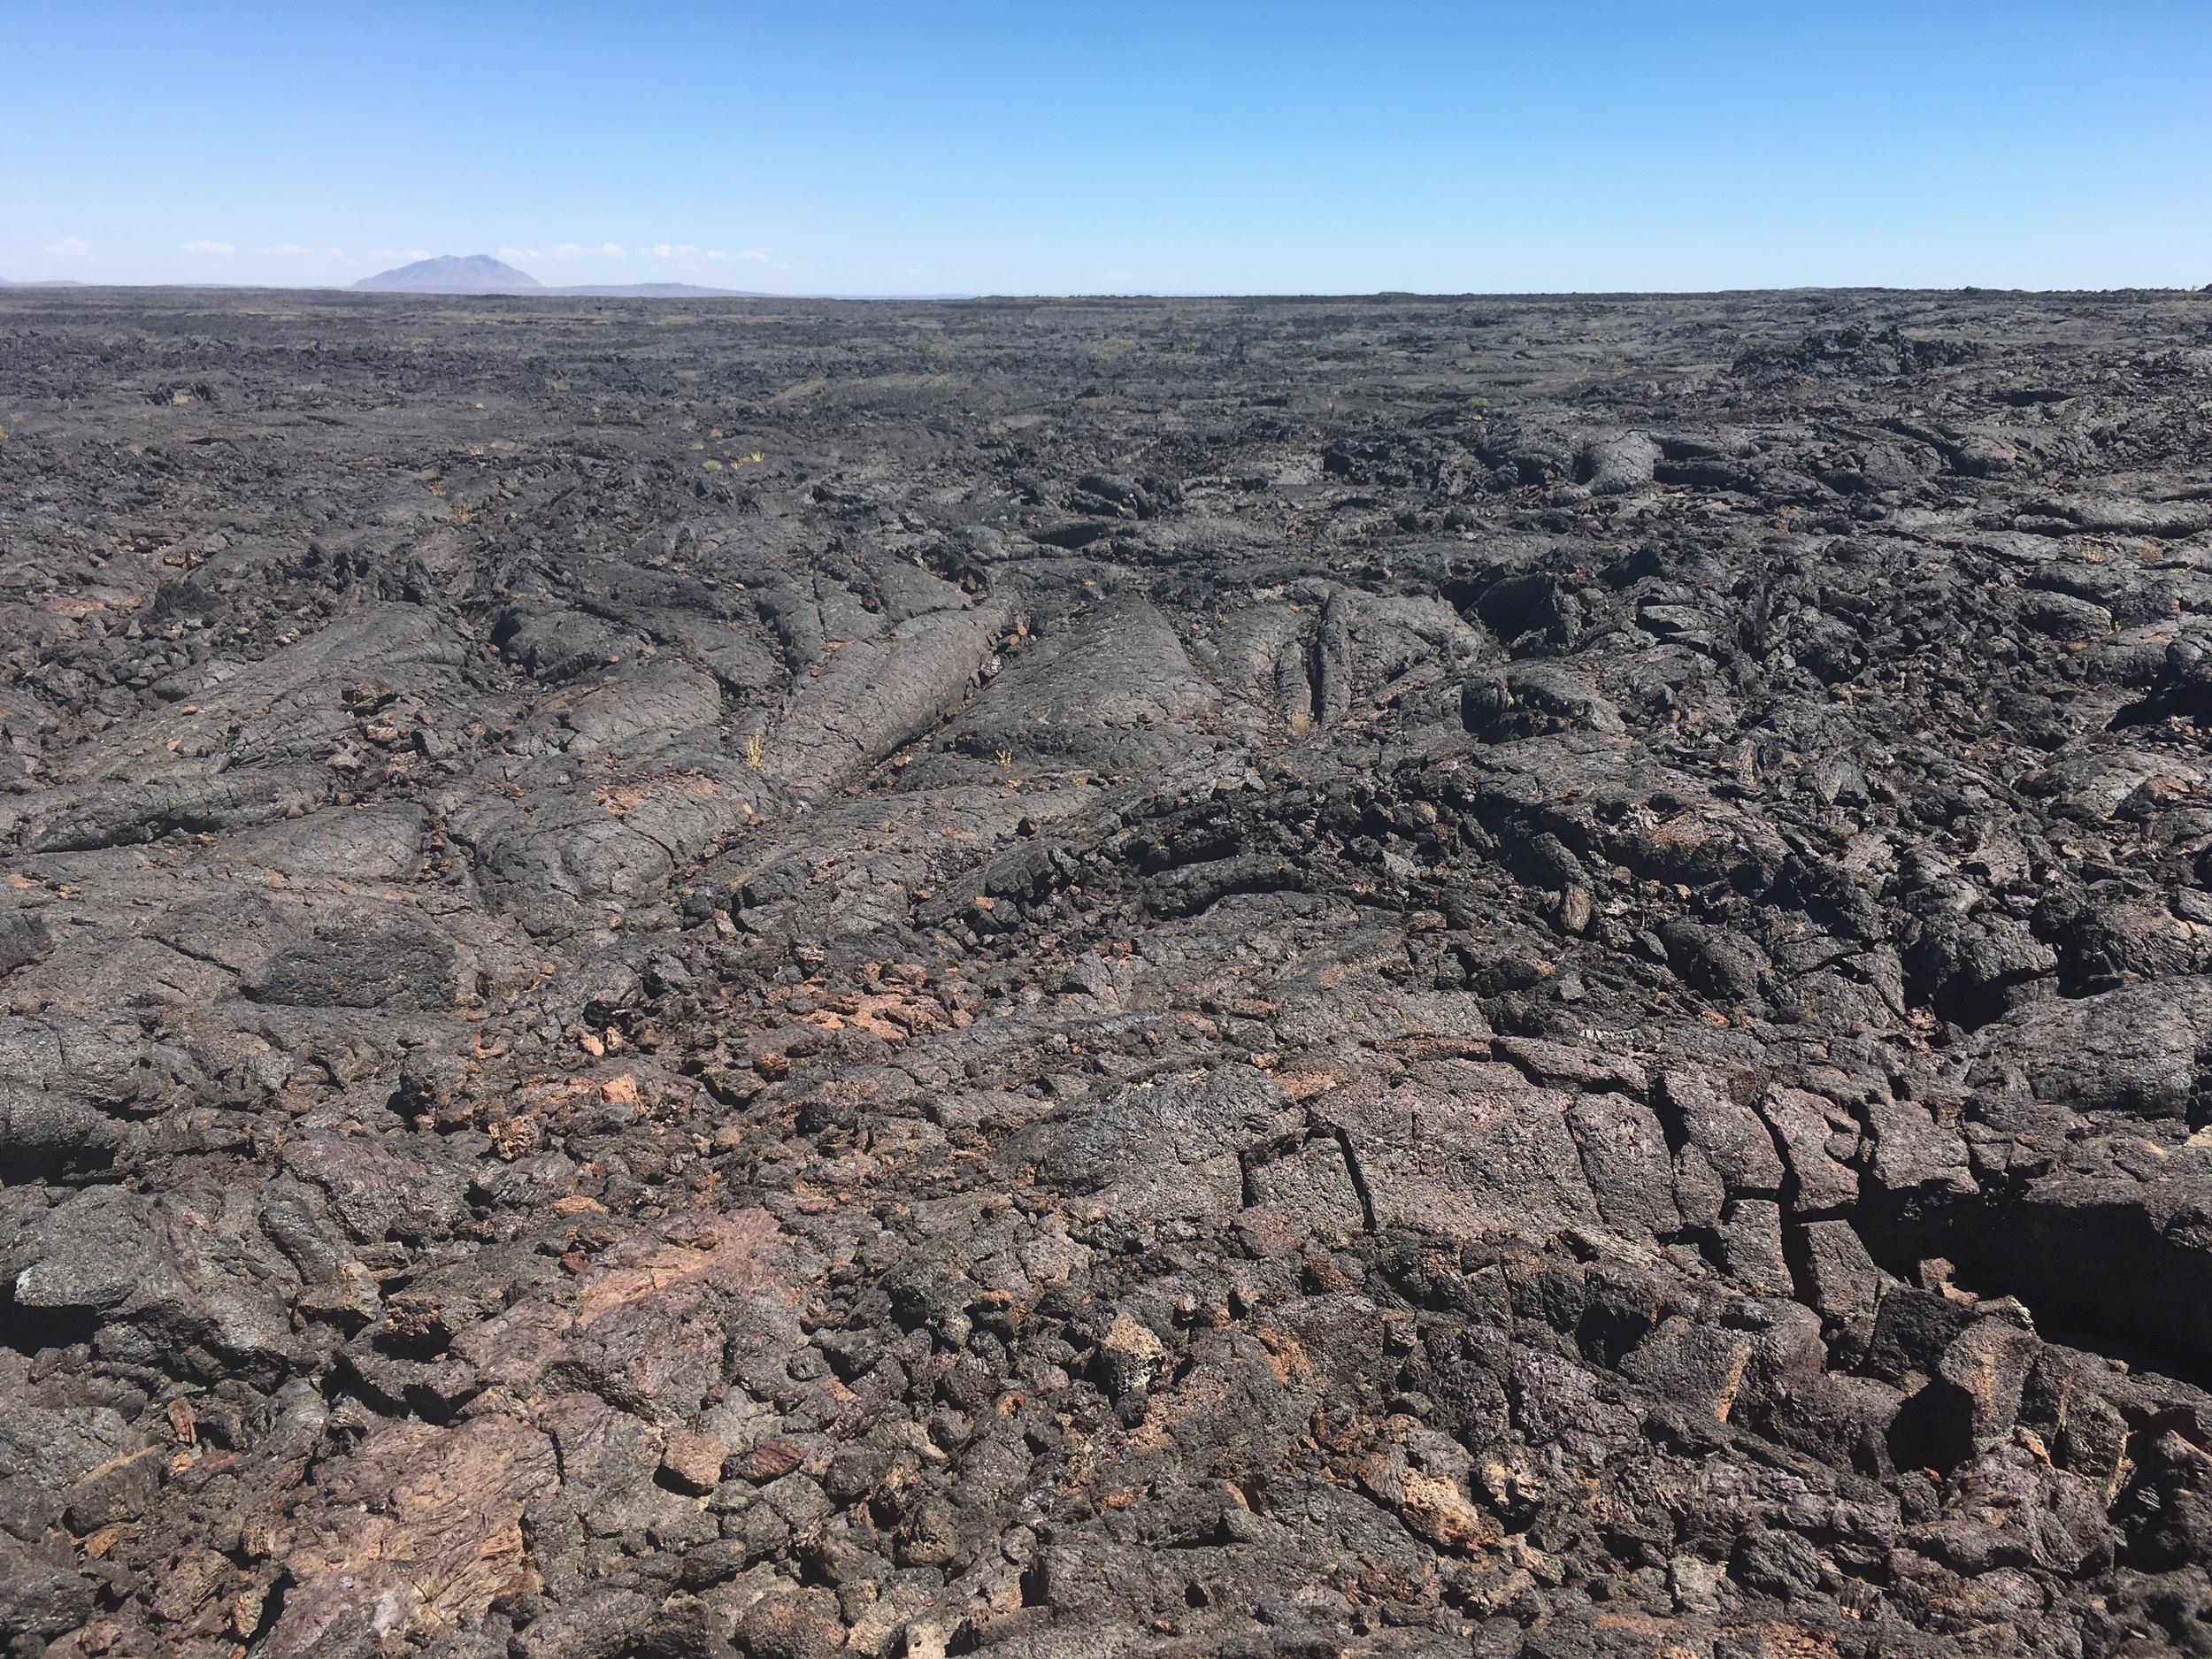 Ancient lava beds.